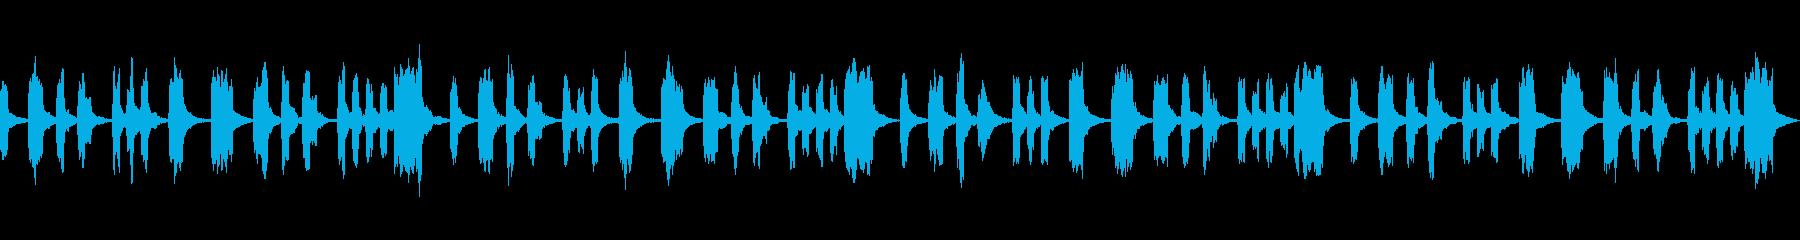 シンプル 切ない ヒーリングの再生済みの波形